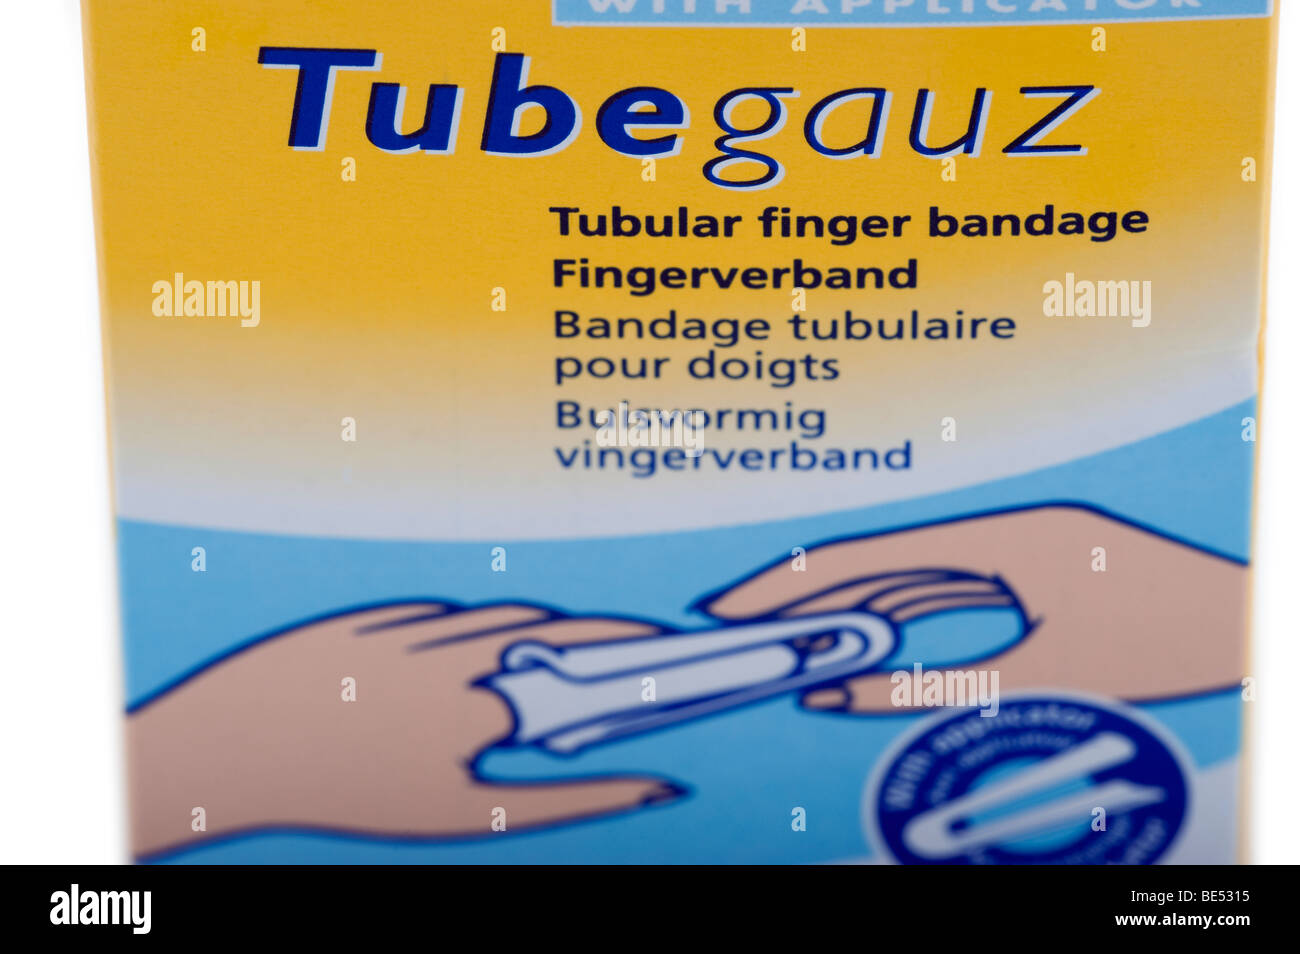 Scholl Tubegauz tubular finger bandage packet - Stock Image